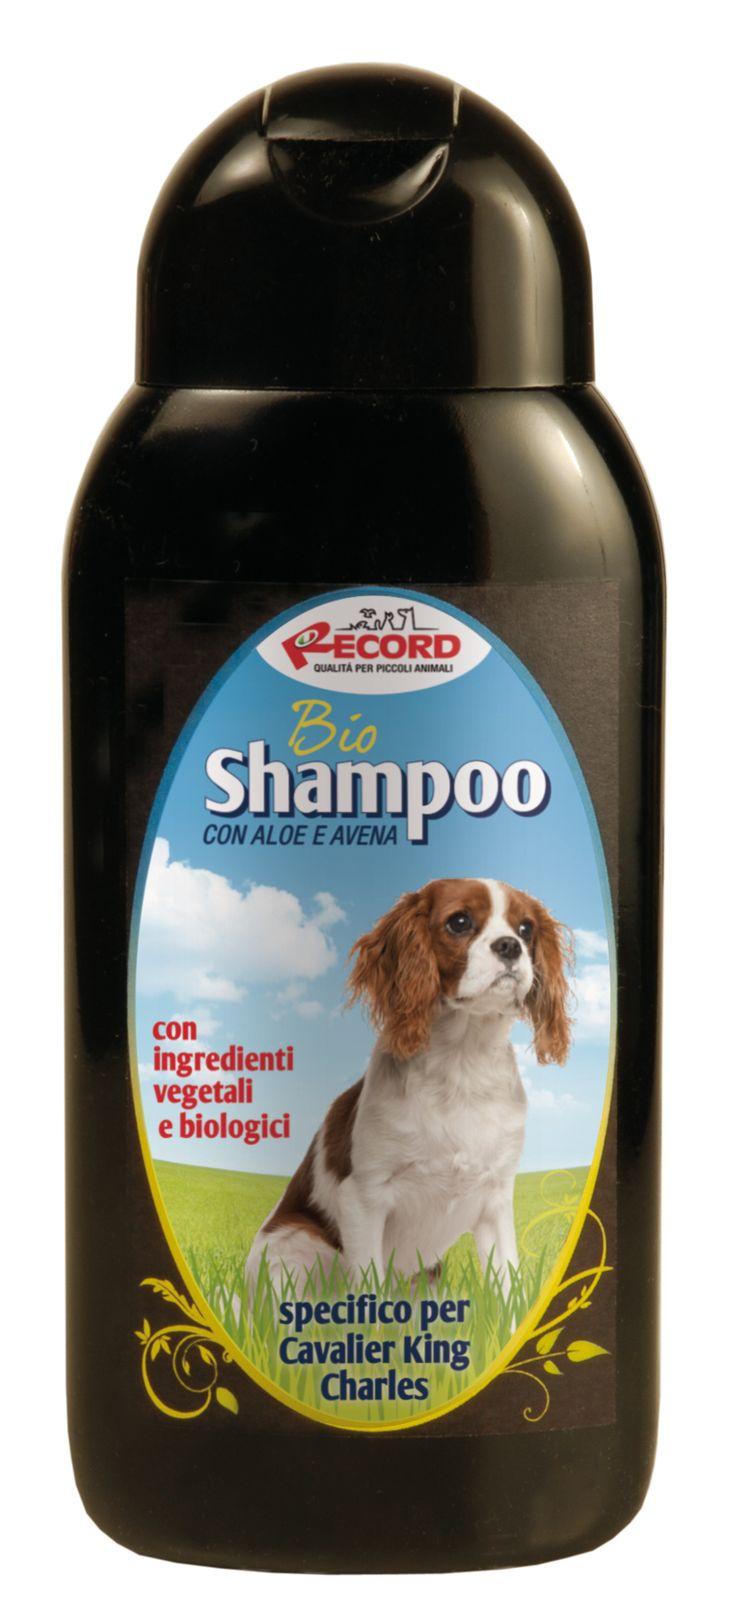 #Bio #shampoo specifico per #cani #CharlesSpaniel, by Record. www.recordit.com